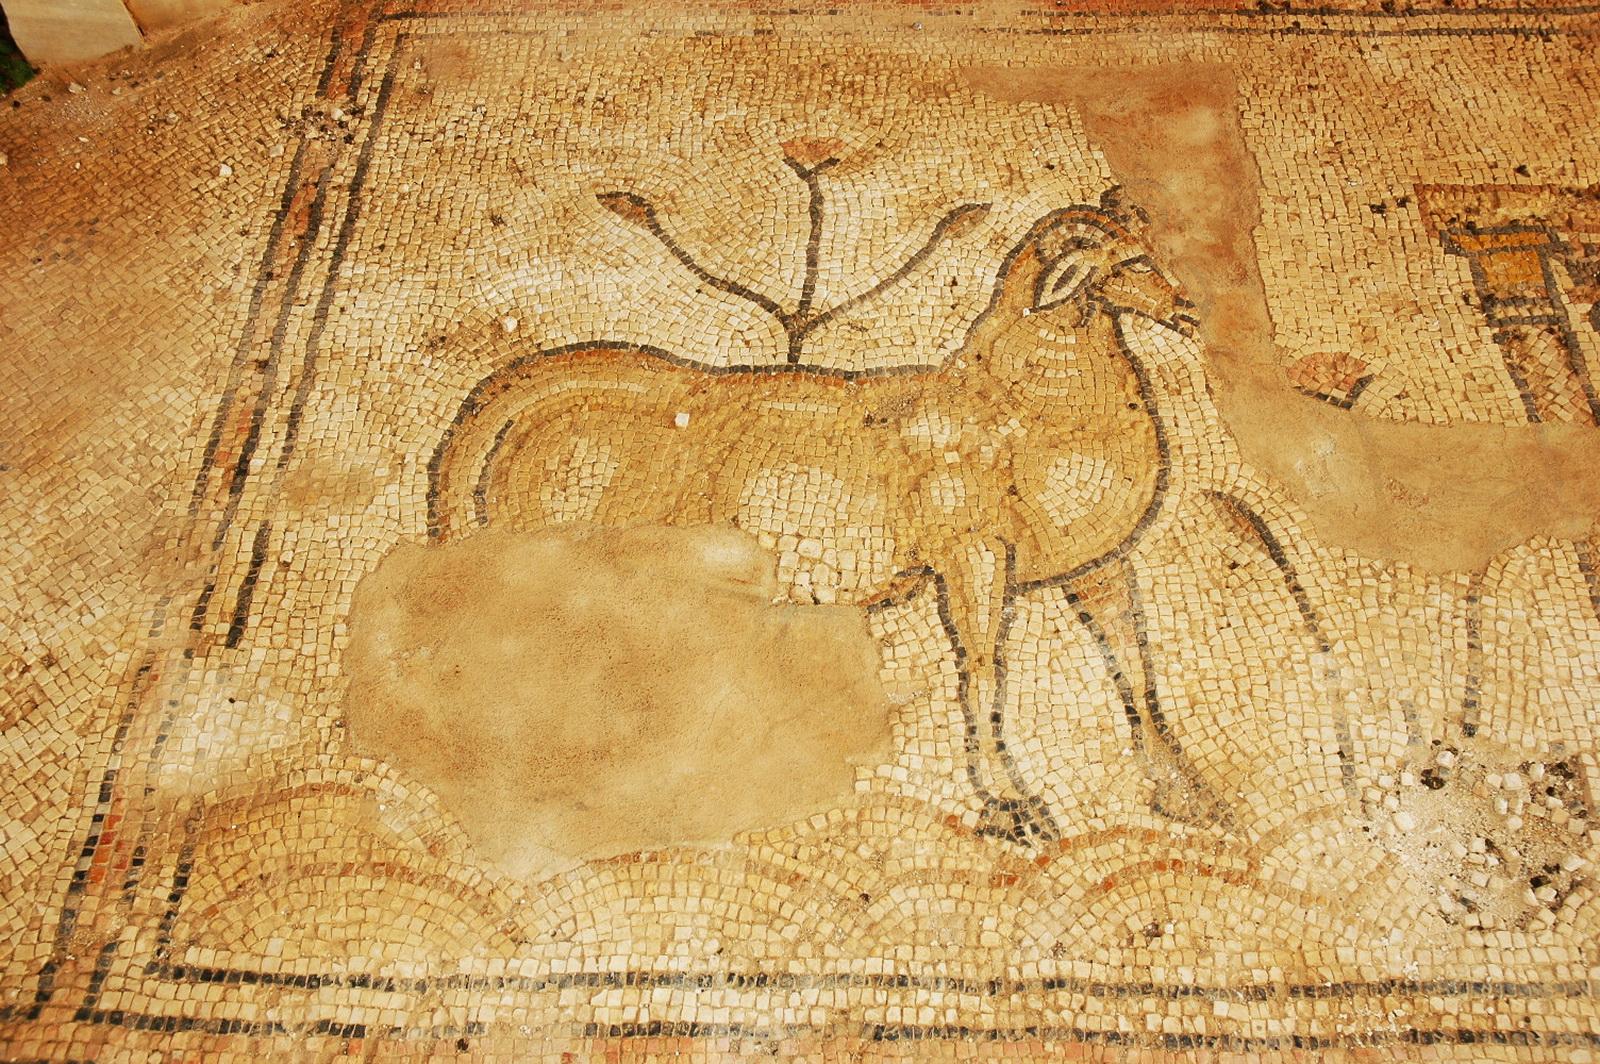 סוסיא - בעל חיים בפסיפס הרצפה